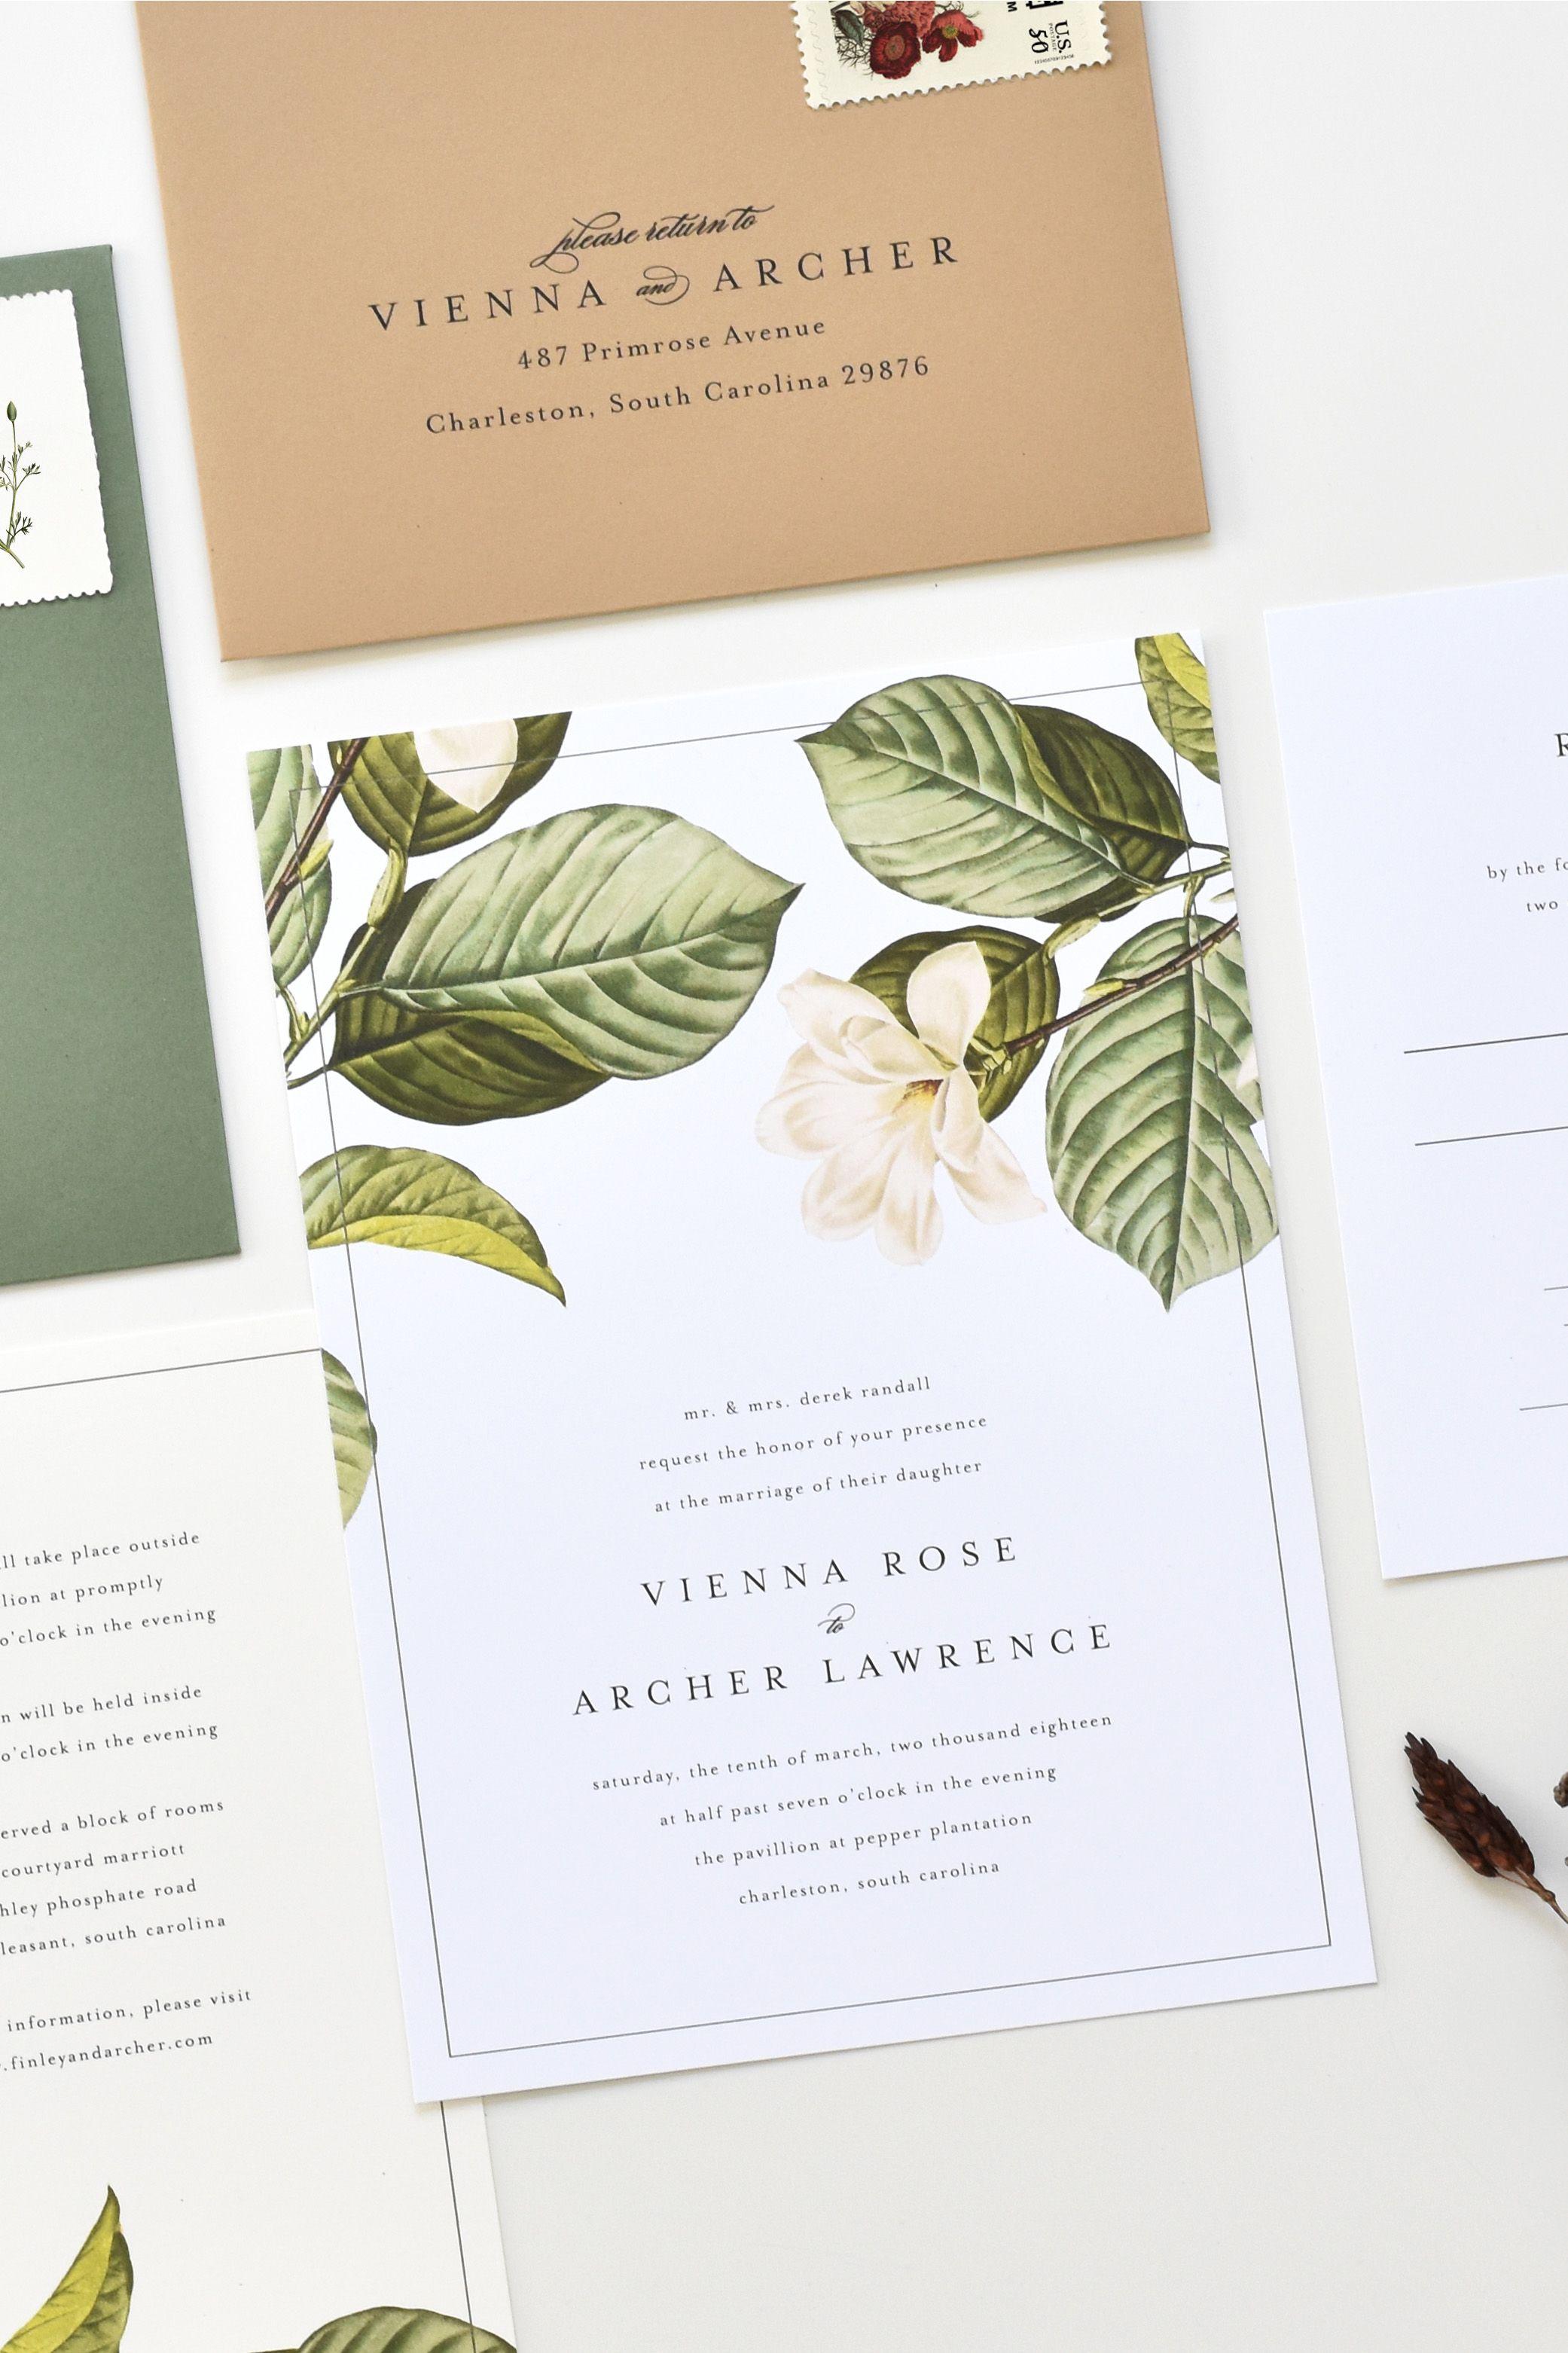 Magnolia Wedding Invitation Magnolia Leaves Wedding Etsy Magnolia Wedding Invitations Magnolia Wedding Wedding Invitations